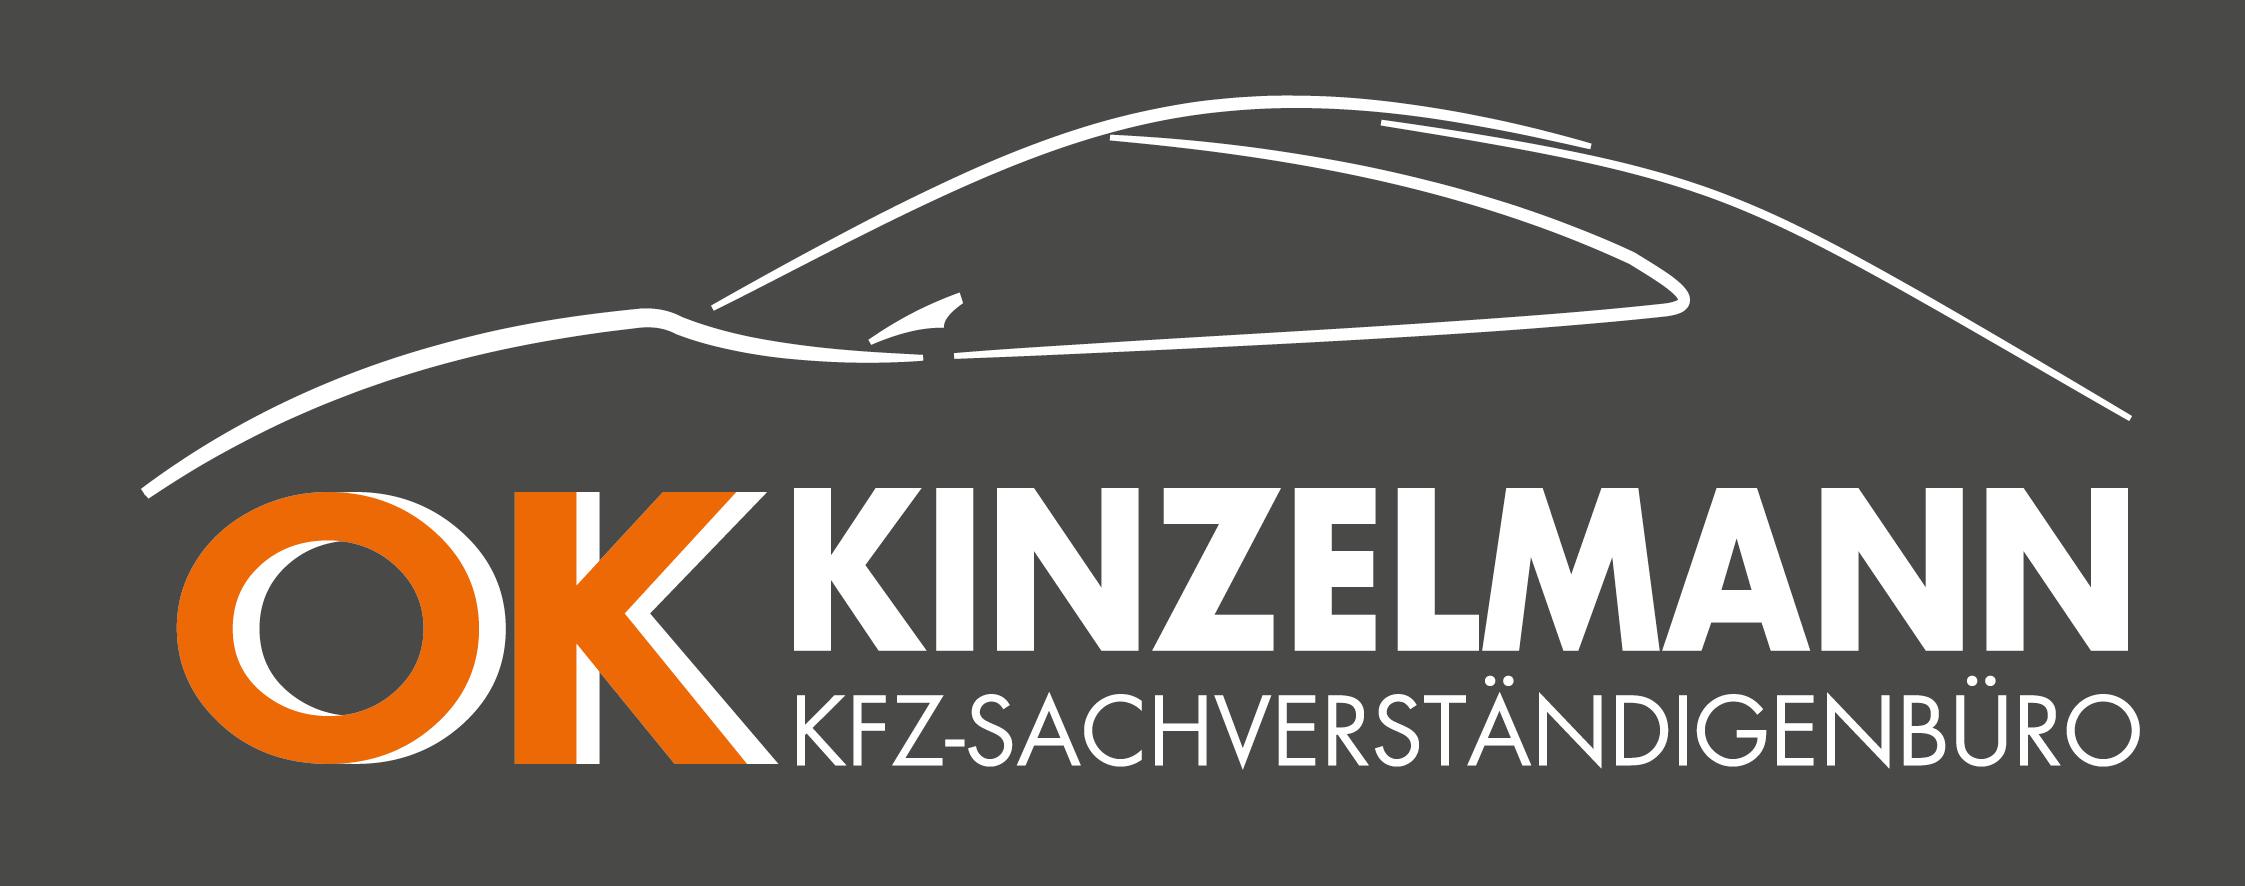 Kfz-Sachverständigenbüro Kinzelmann GmbH